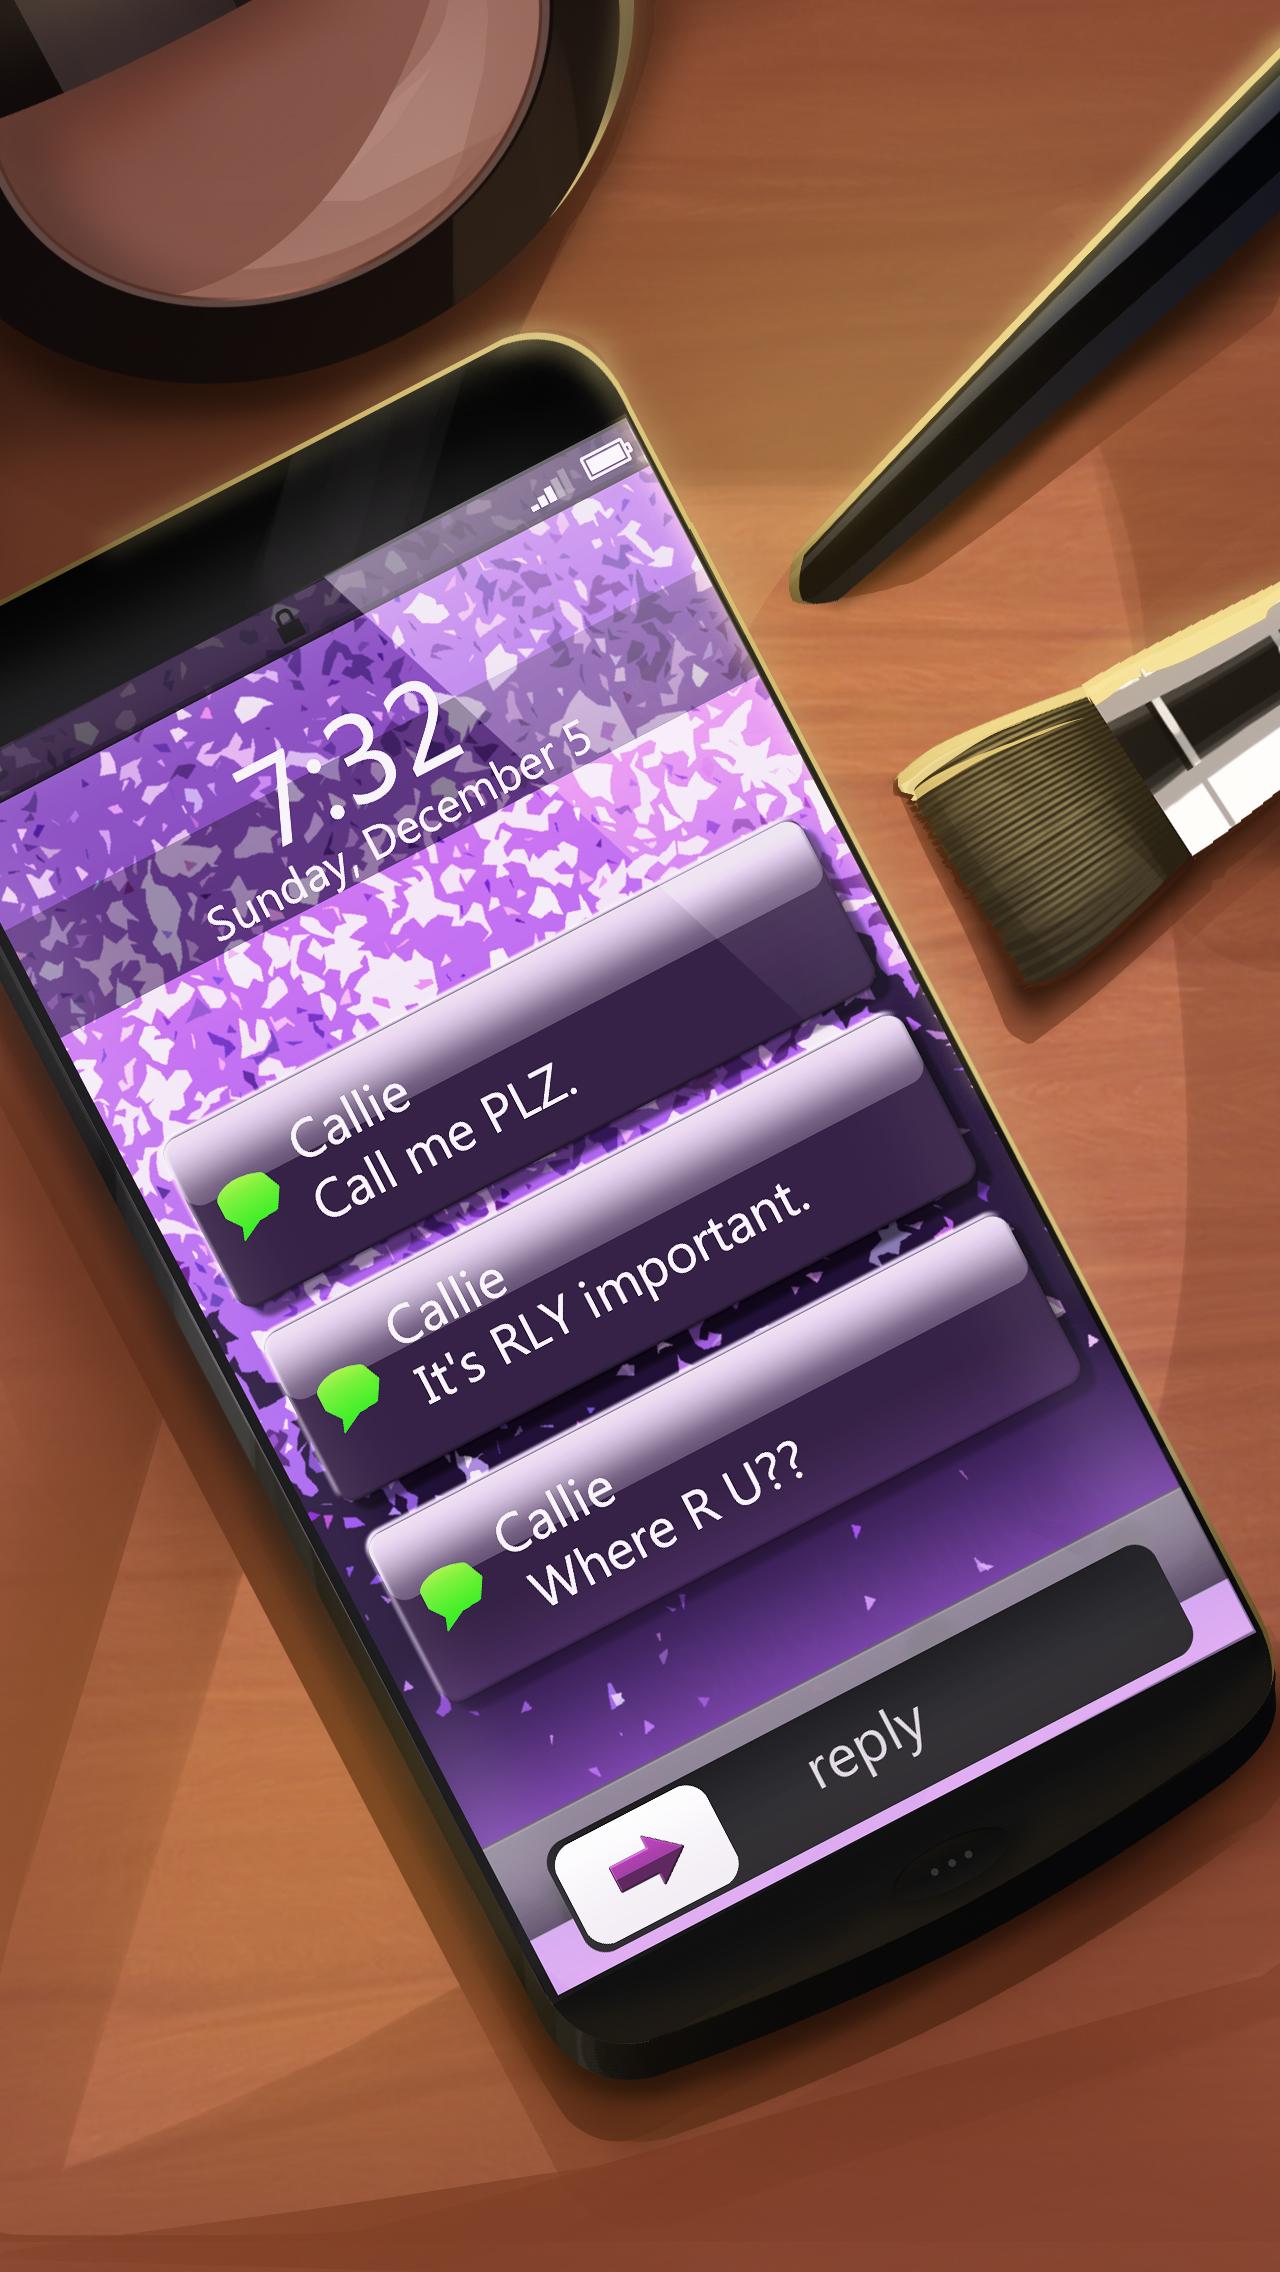 Phone-on-stool.jpg